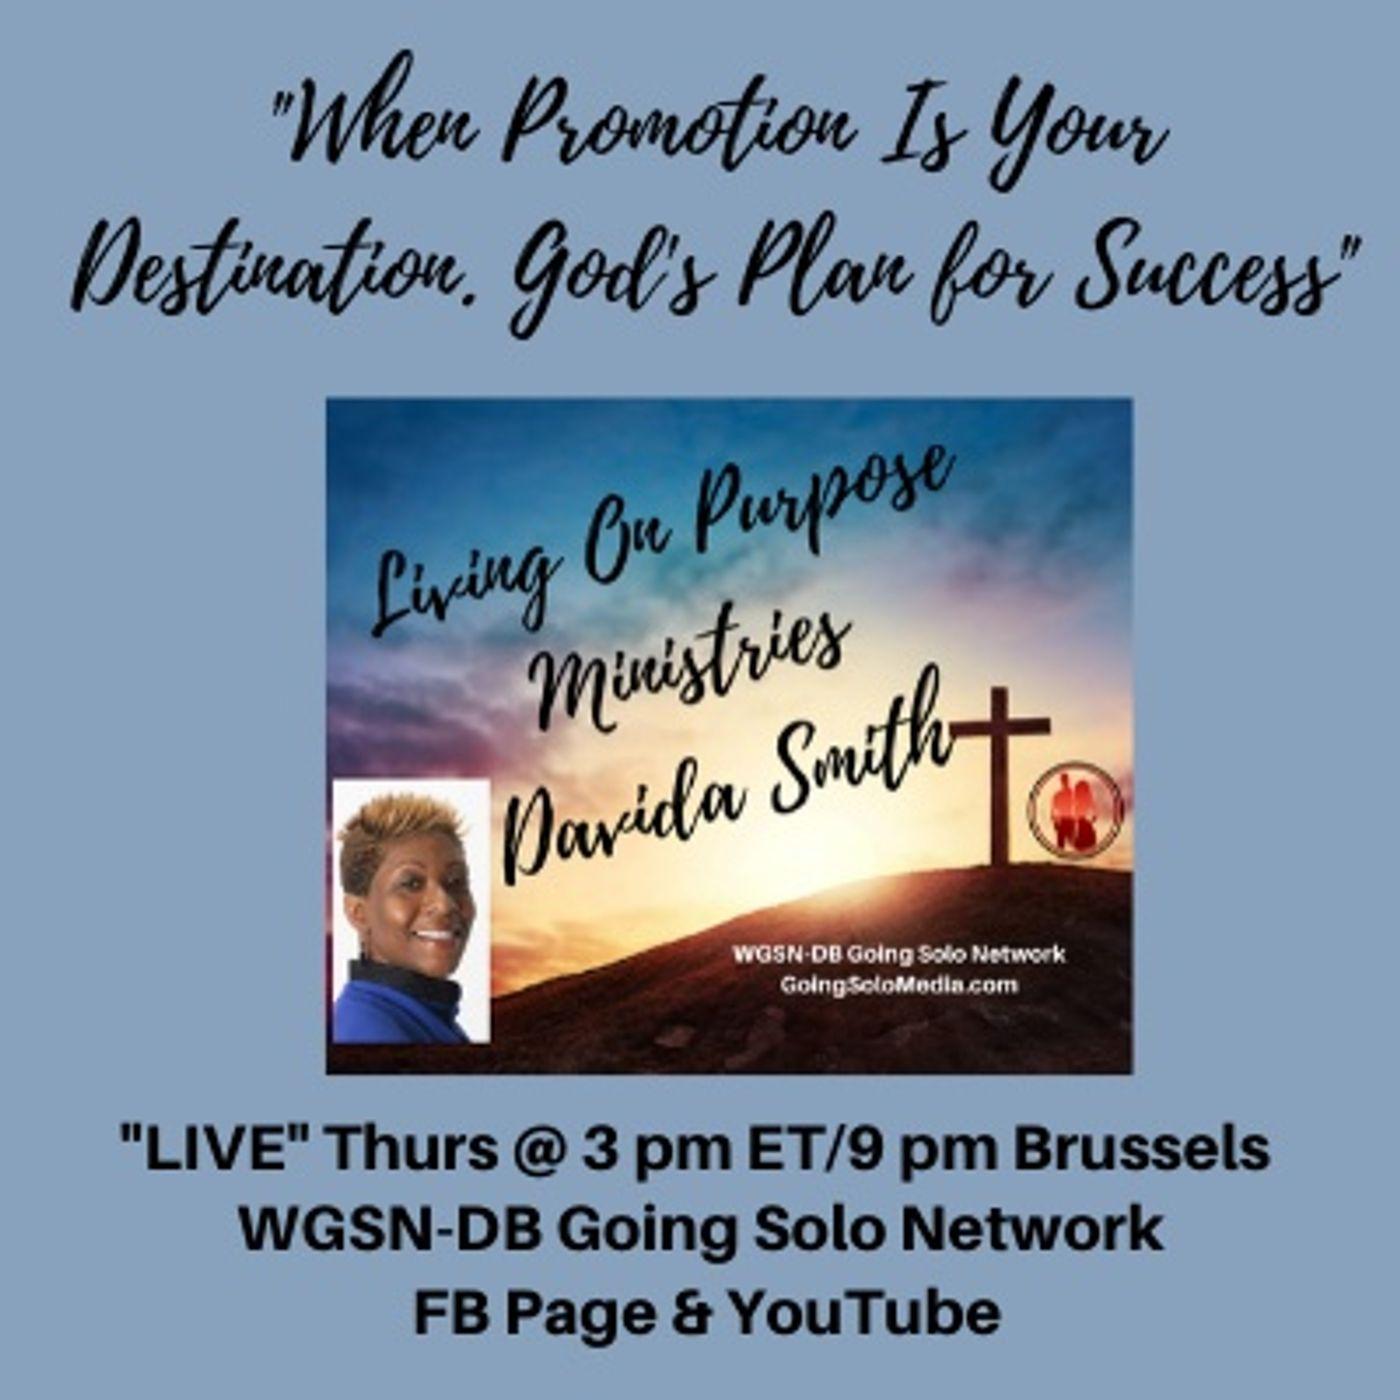 Part 1 - When Promotion Is Your Destination. God's Plan for Success